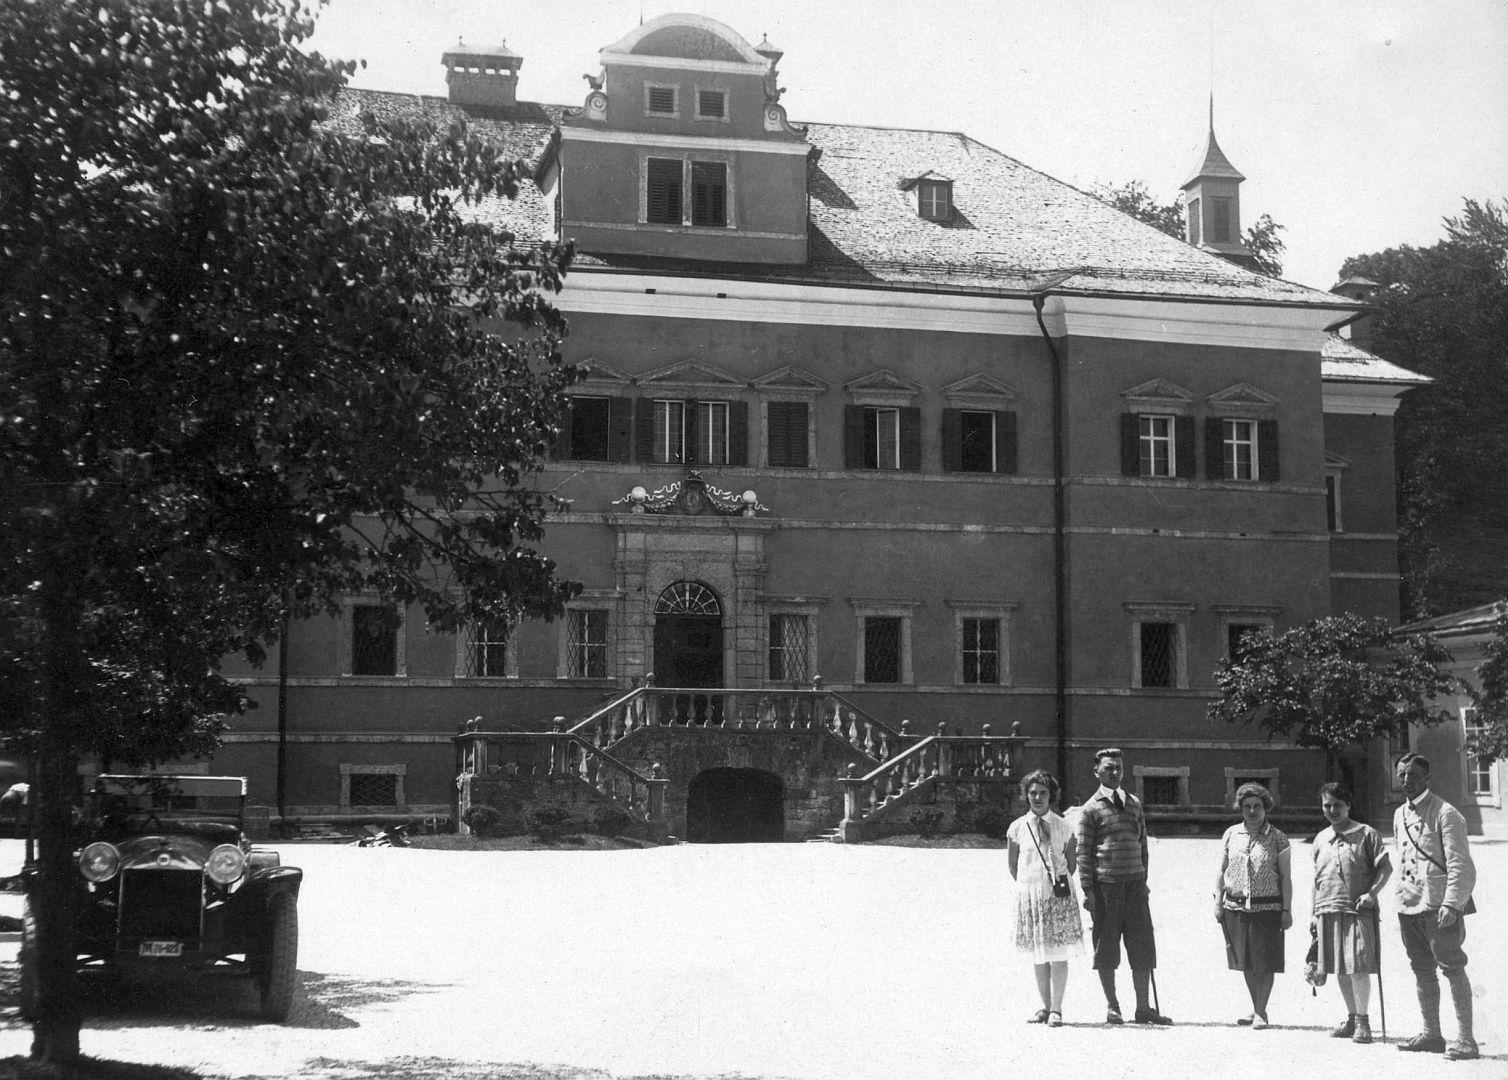 Lancia_Lambda_Schloss_Hellbrunn_Salzburg_07-1928_Galerie